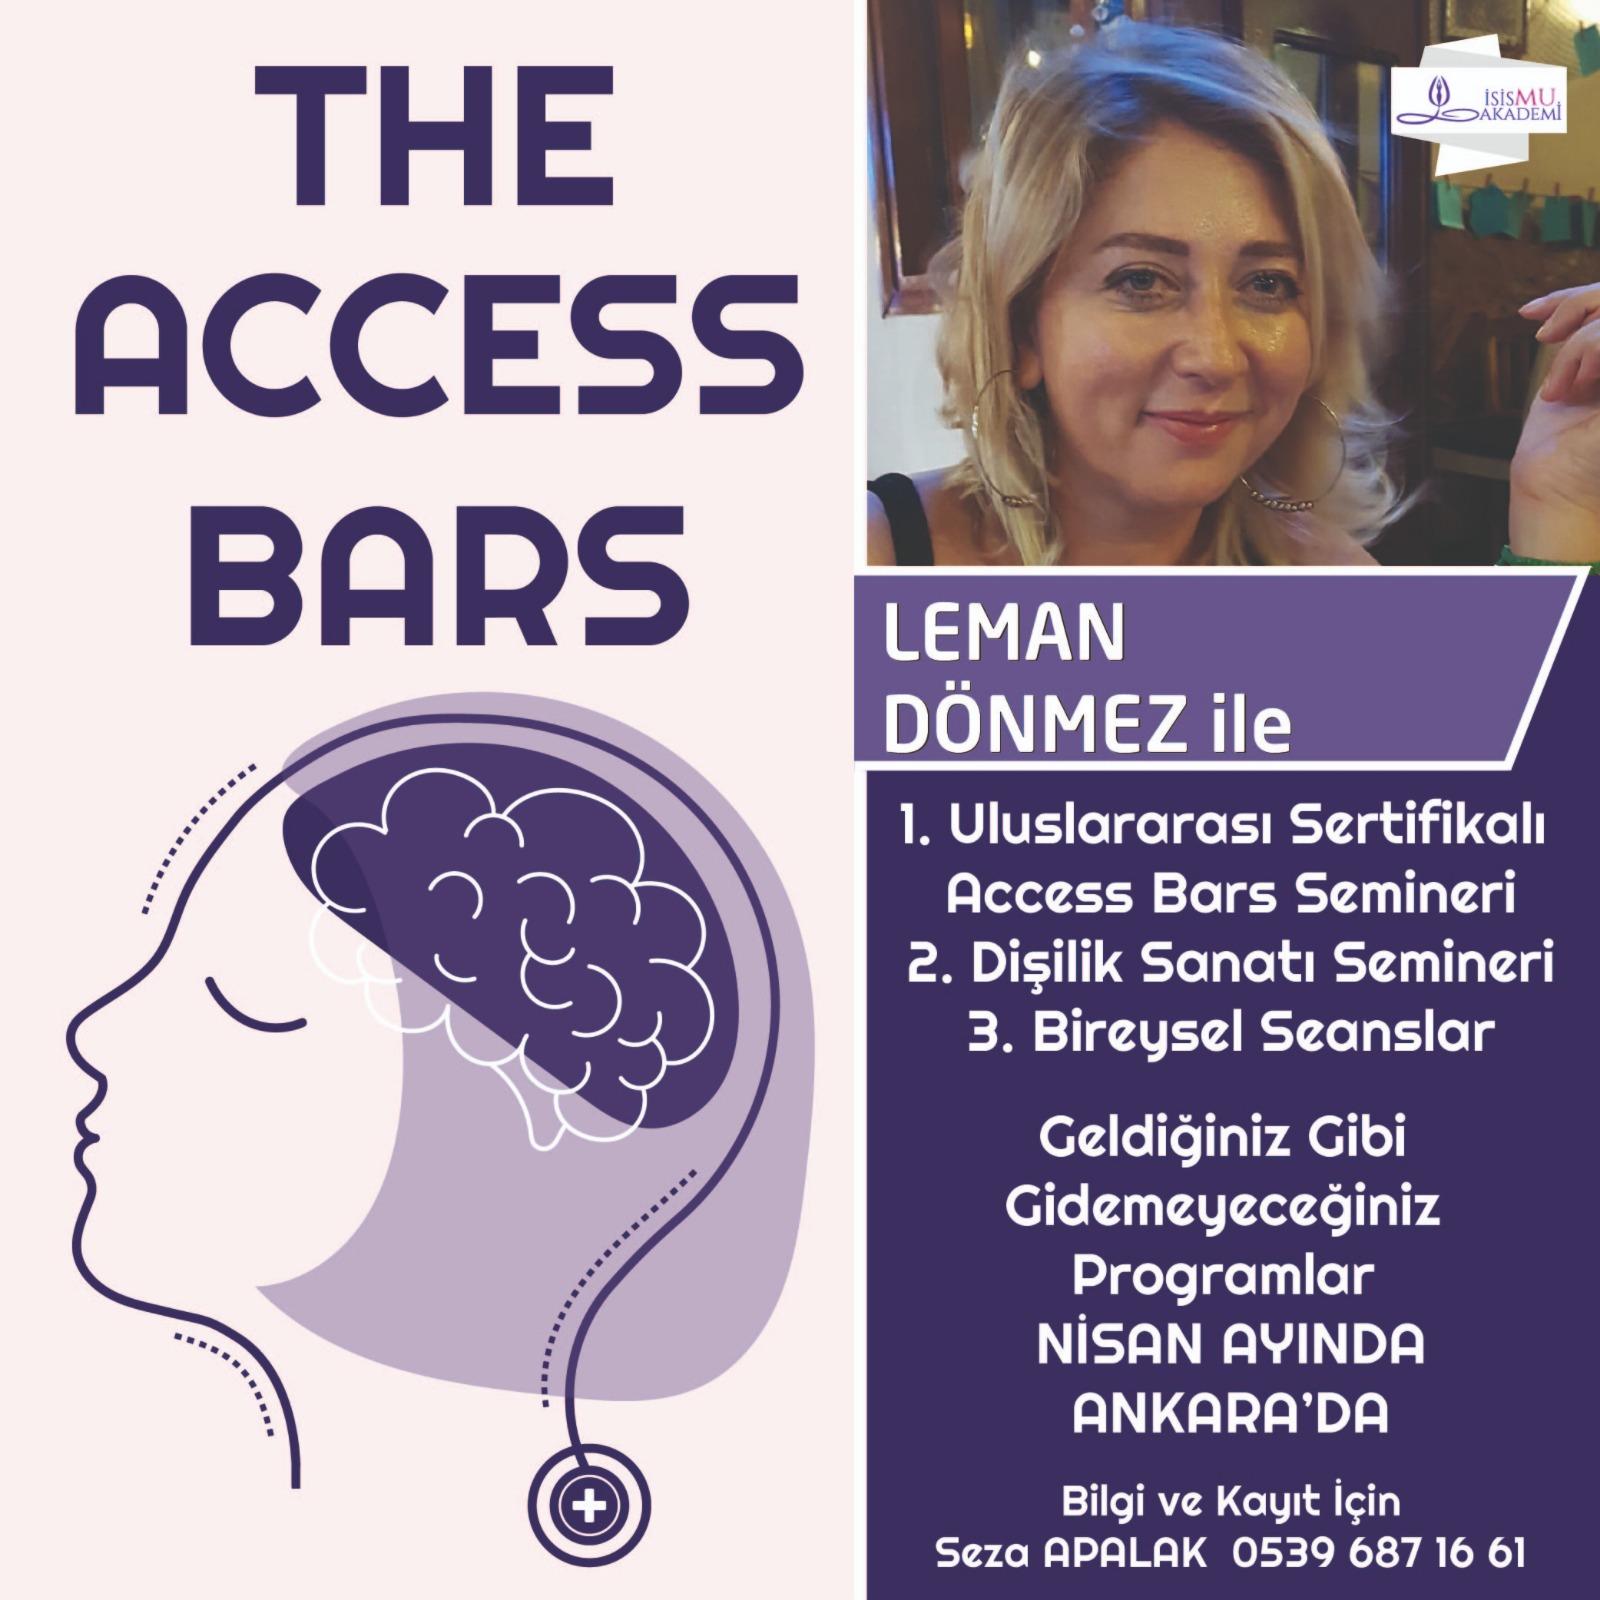 THE ACCESS BARS / NİSAN AYINDA ANKARA'DA